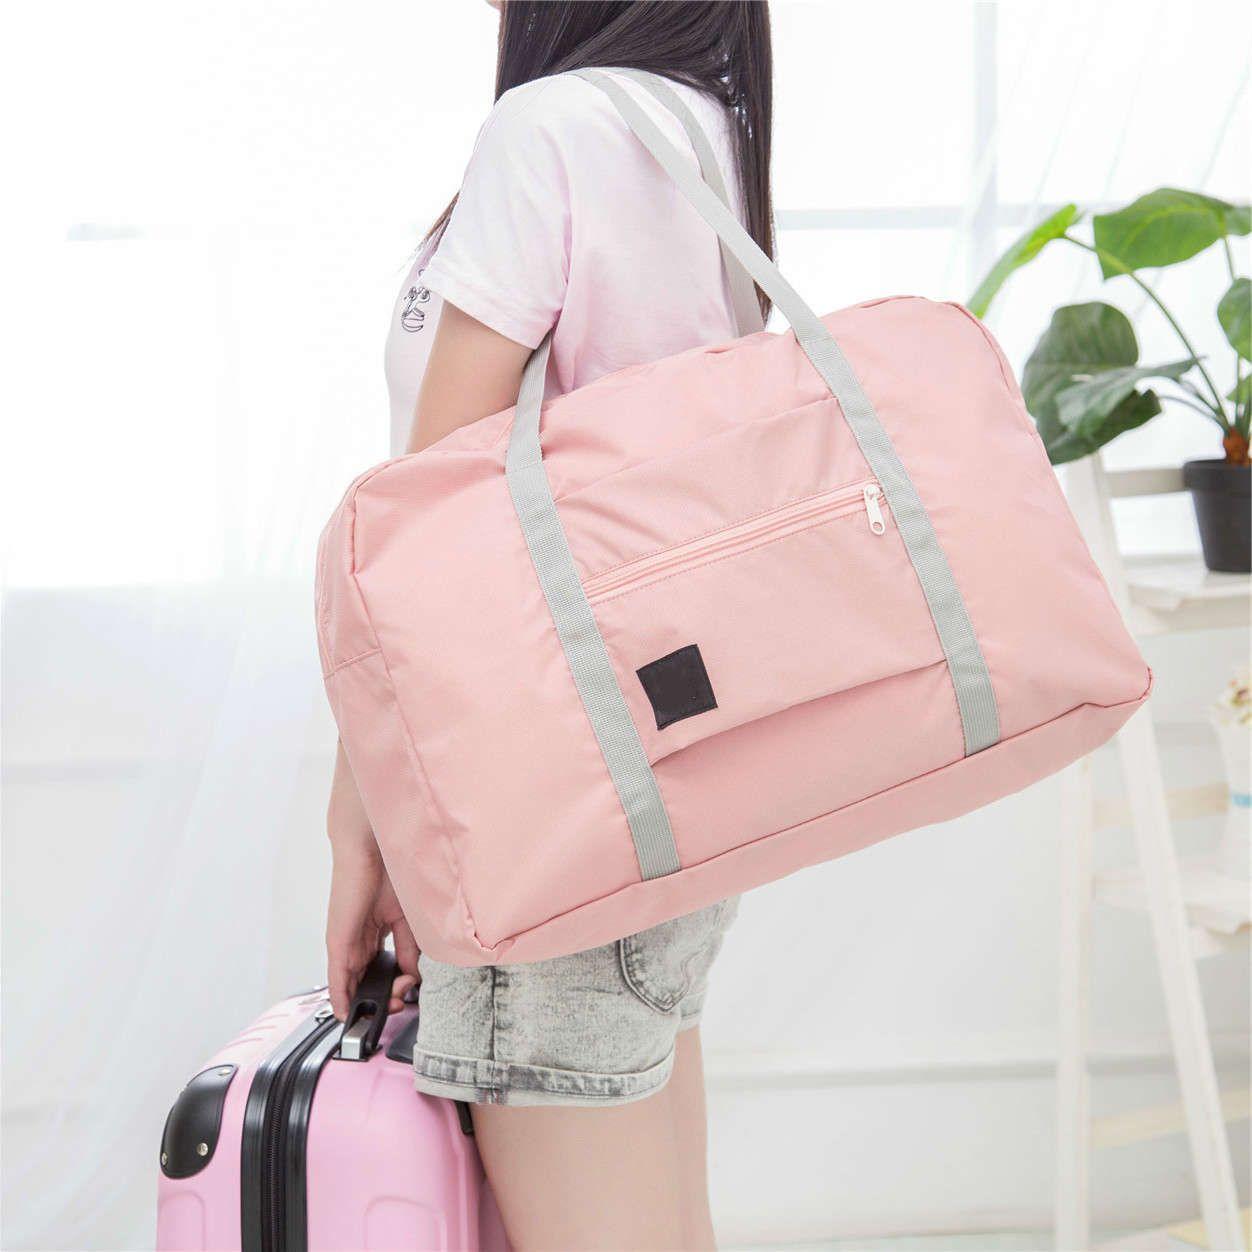 Bagagem de nylon de nylon de bolsa de dobramento para homens mulheres moda fashion dlefle sacos sacos grandes mochilas